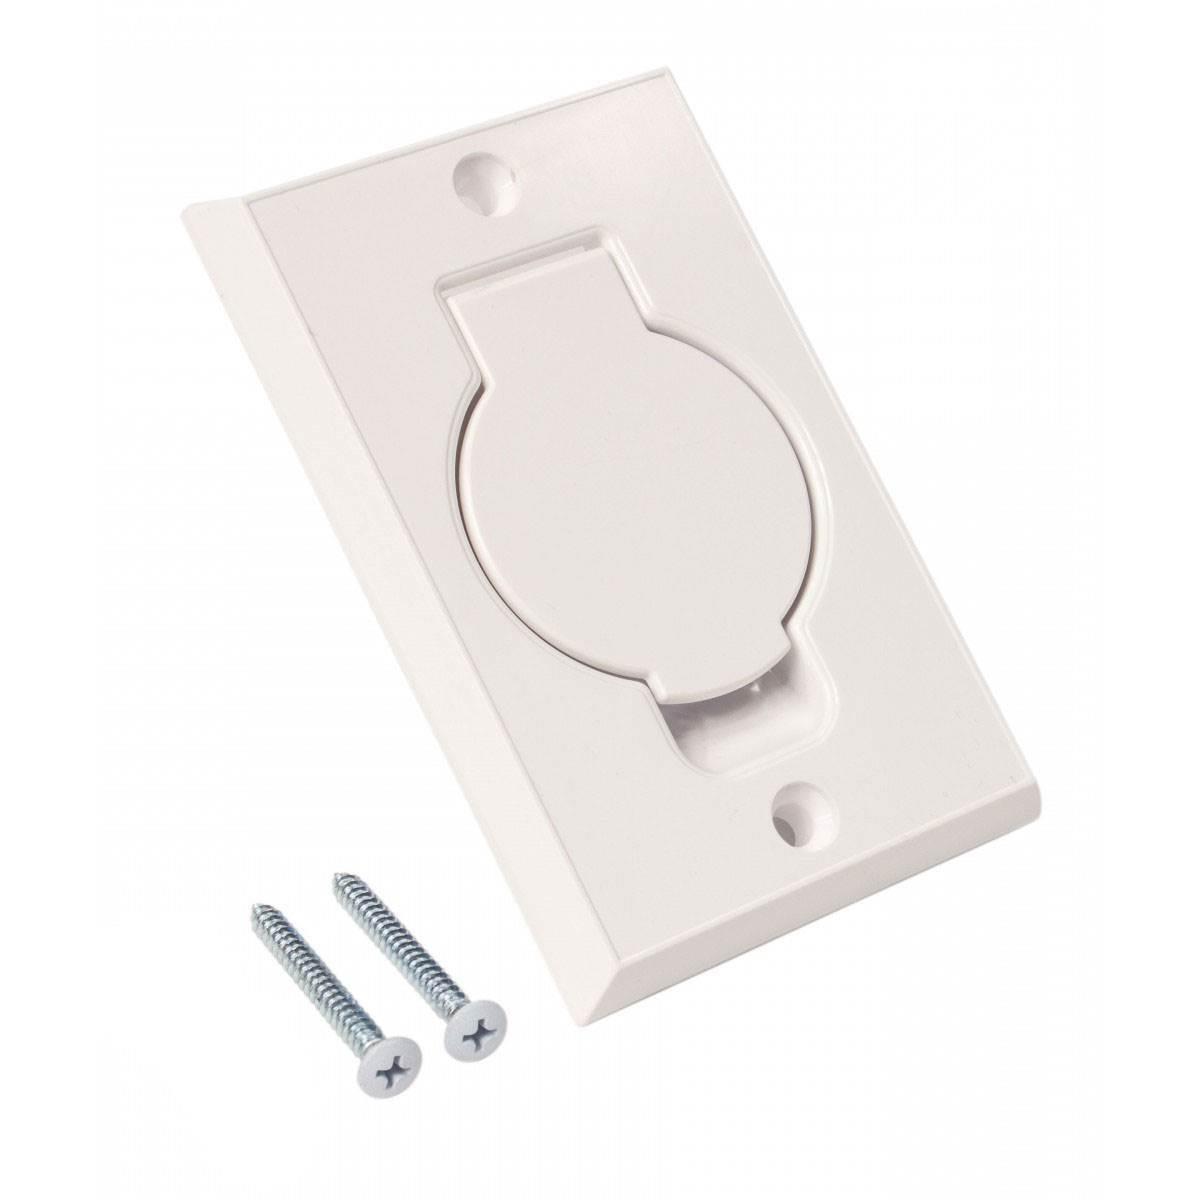 brosse aspirateur universelle aspiration centralis e. Black Bedroom Furniture Sets. Home Design Ideas